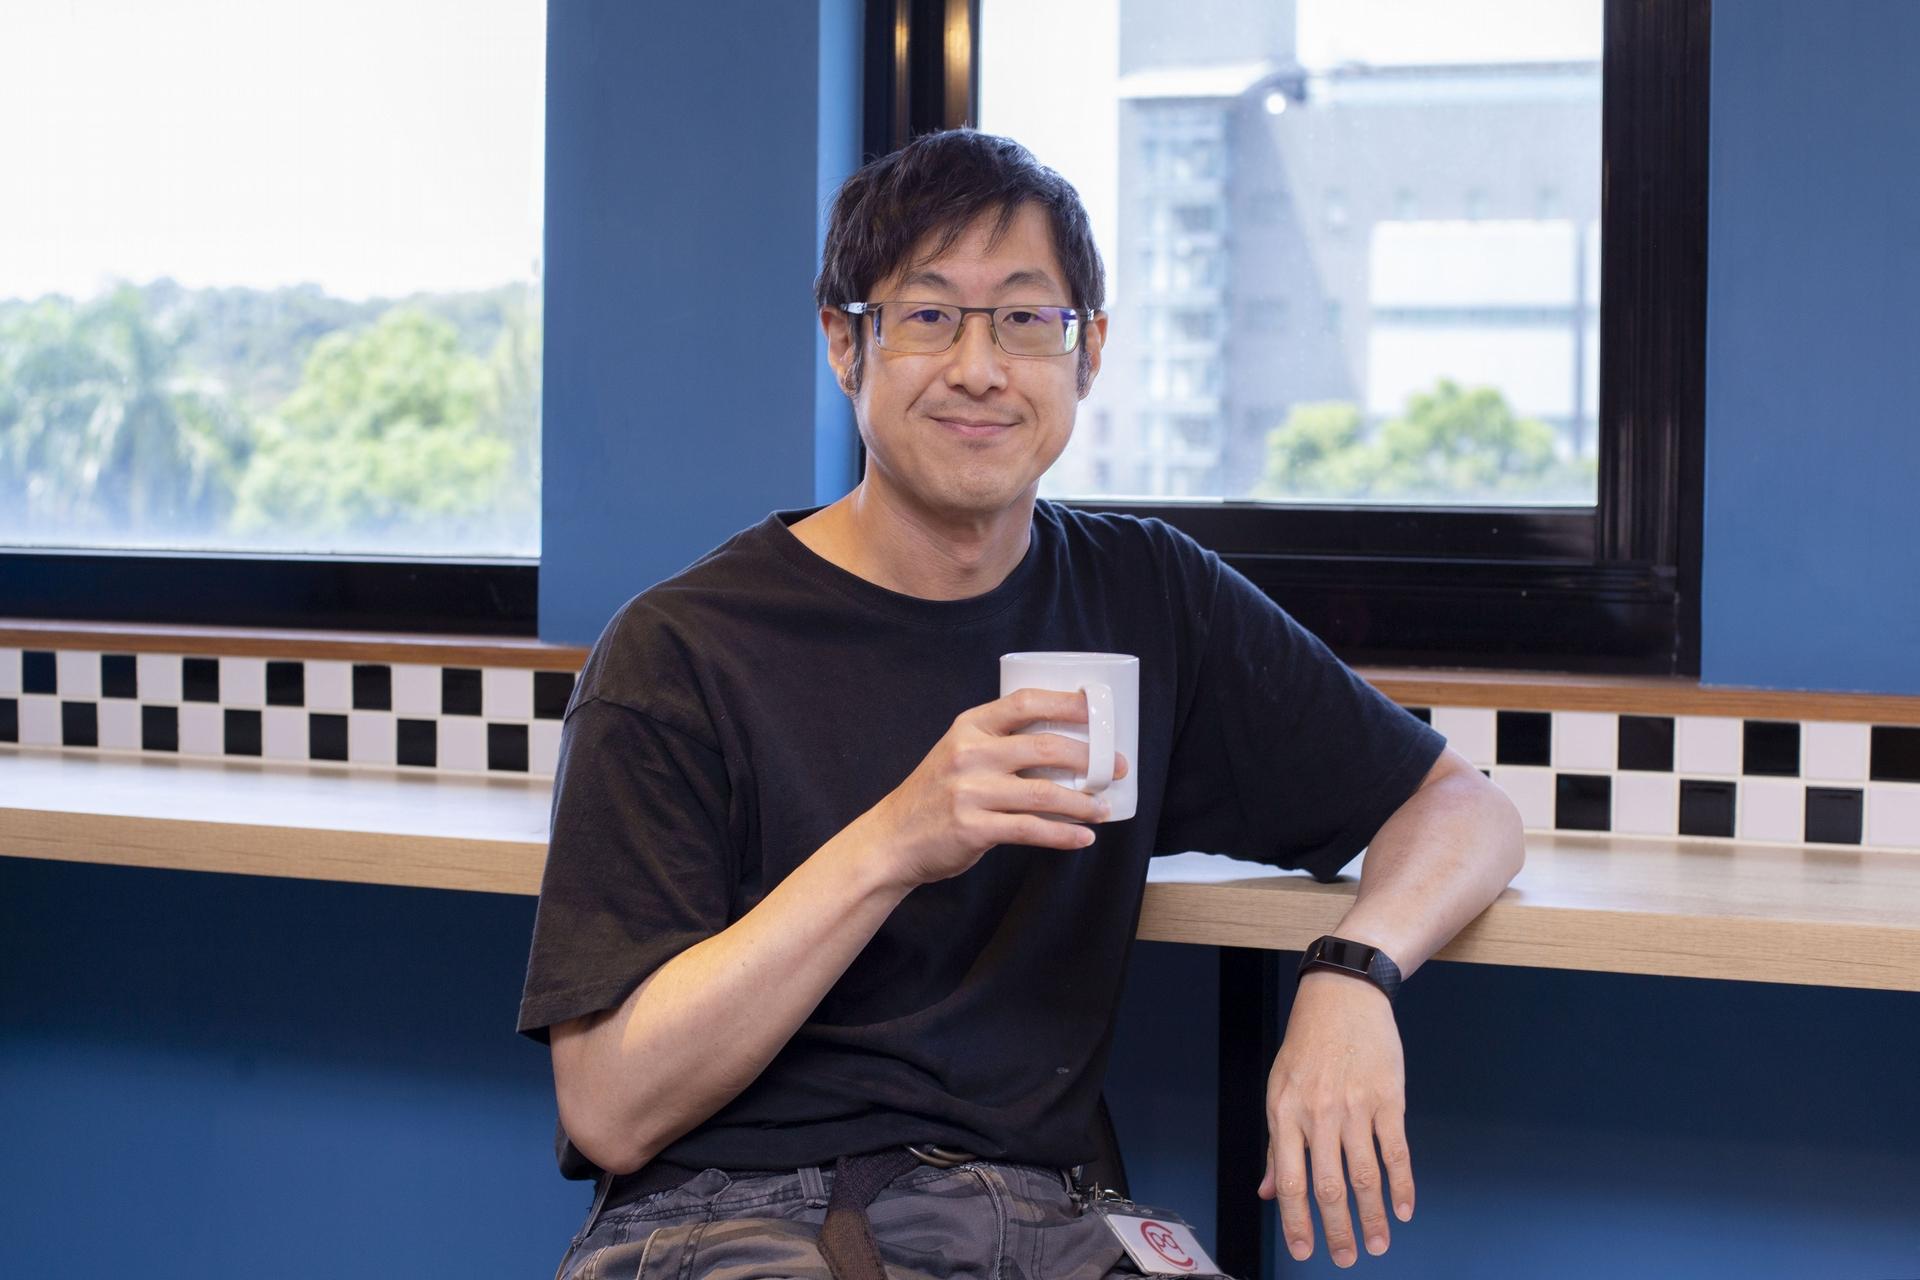 中研院資訊所楊柏因研究員所屬的團隊以名為「Rainbow」的密碼學系統,參與美國國家標準與技術局(NIST)自 2016 年起舉辦「後量子密碼學標準化競賽」,於 2020 年成為進入決賽的七個最終候選者 (Finalist) 之一。 圖│研之有物